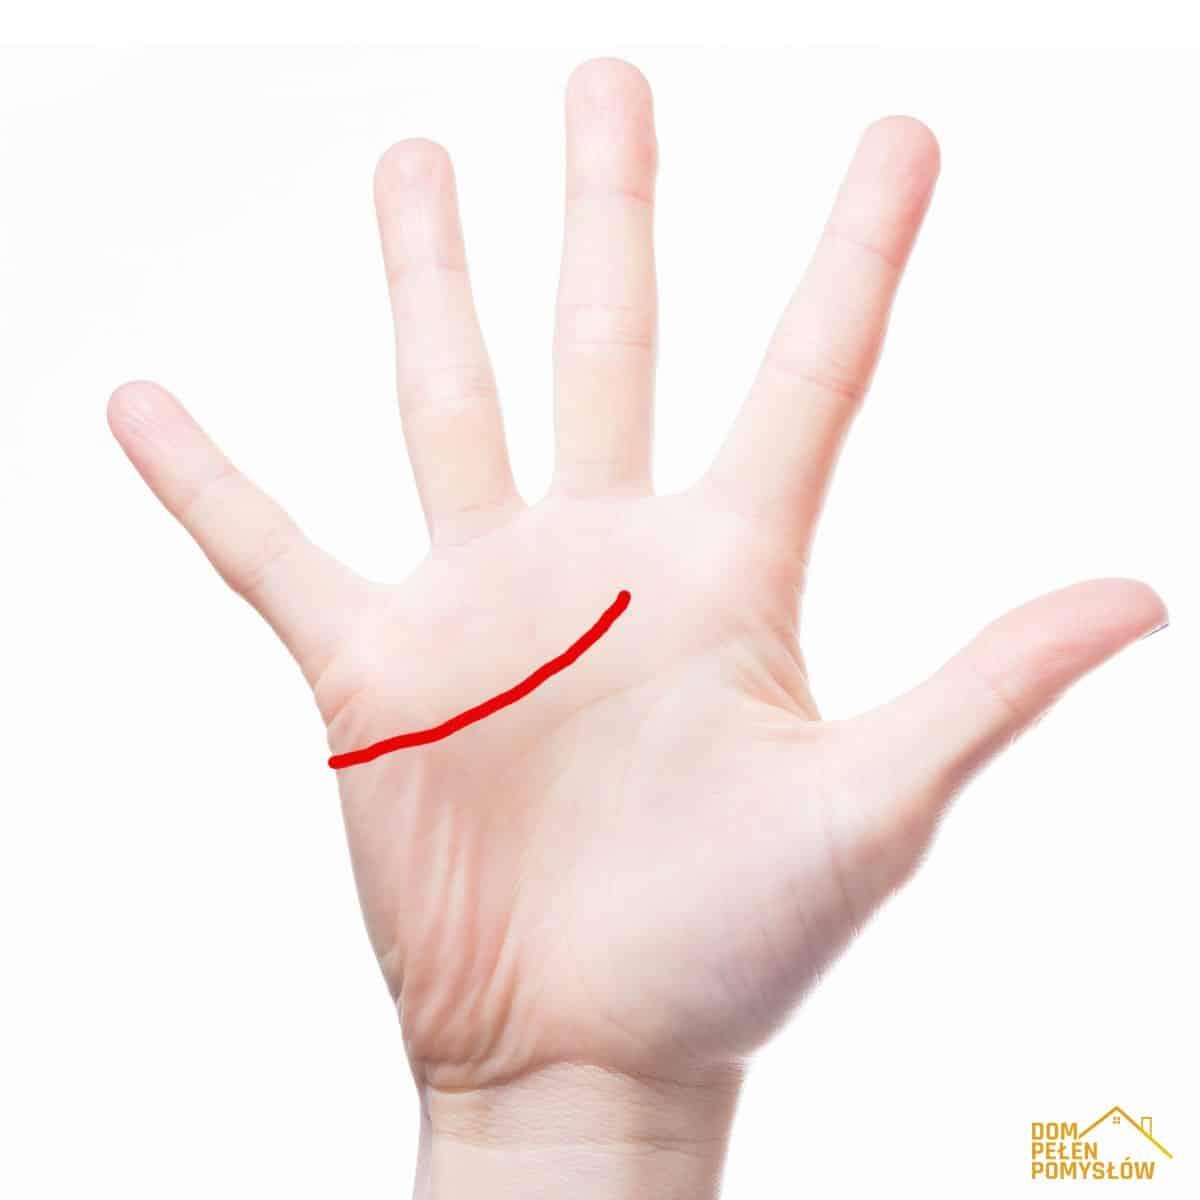 DomPelenPomyslow.pl Spójrz na swoje dłonie i poznaj lepiej swoją osobowość. Linie na nich mówią wszystko!